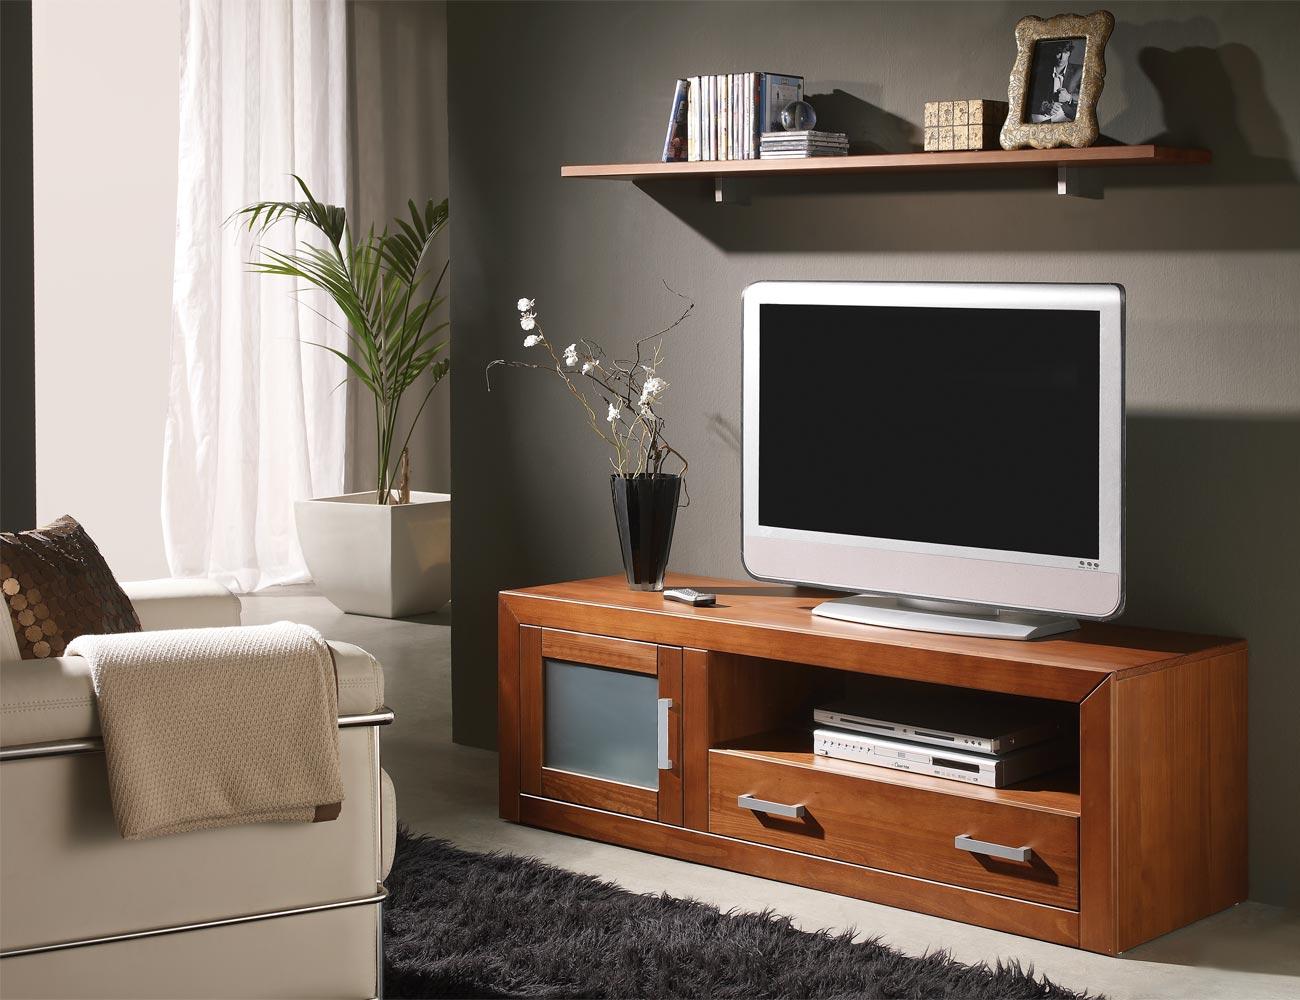 Ambiente20 mueble salon comedor tv  estante nogal